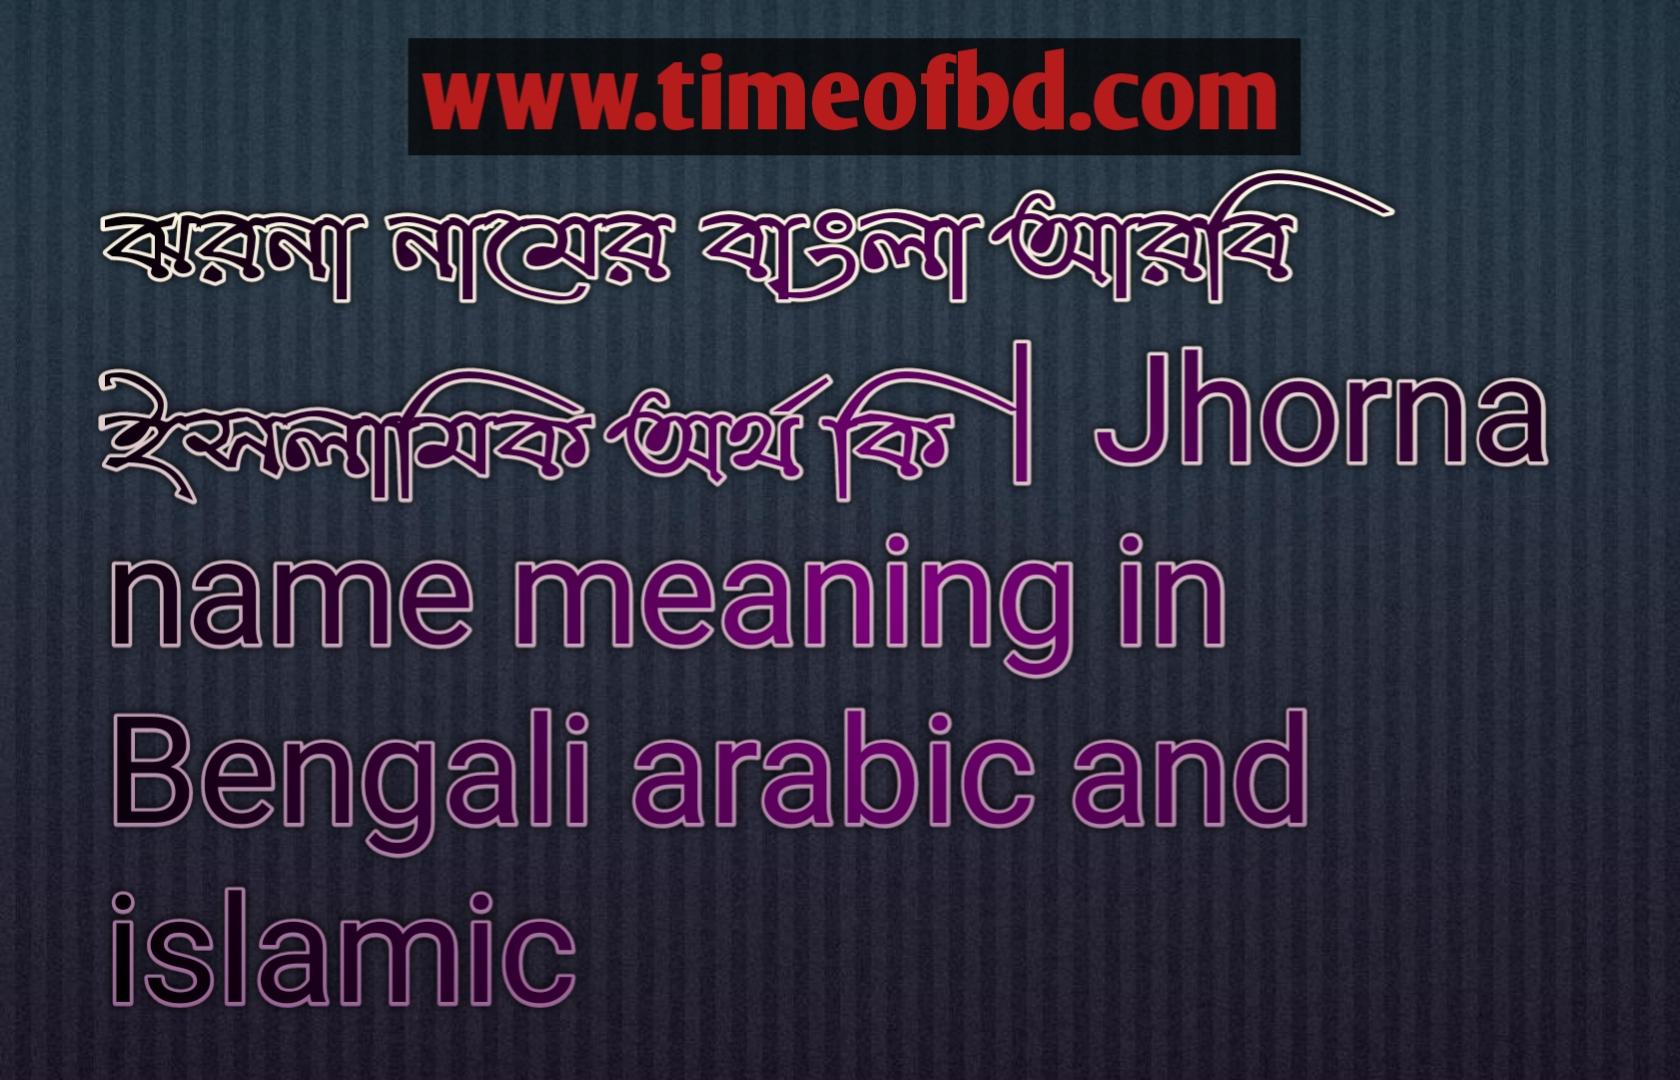 ঝরনা নামের অর্থ কি, ঝরনা নামের বাংলা অর্থ কি, ঝরনা নামের ইসলামিক অর্থ কি, Jhorna name meaning in Bengali, ঝরনা কি ইসলামিক নাম,